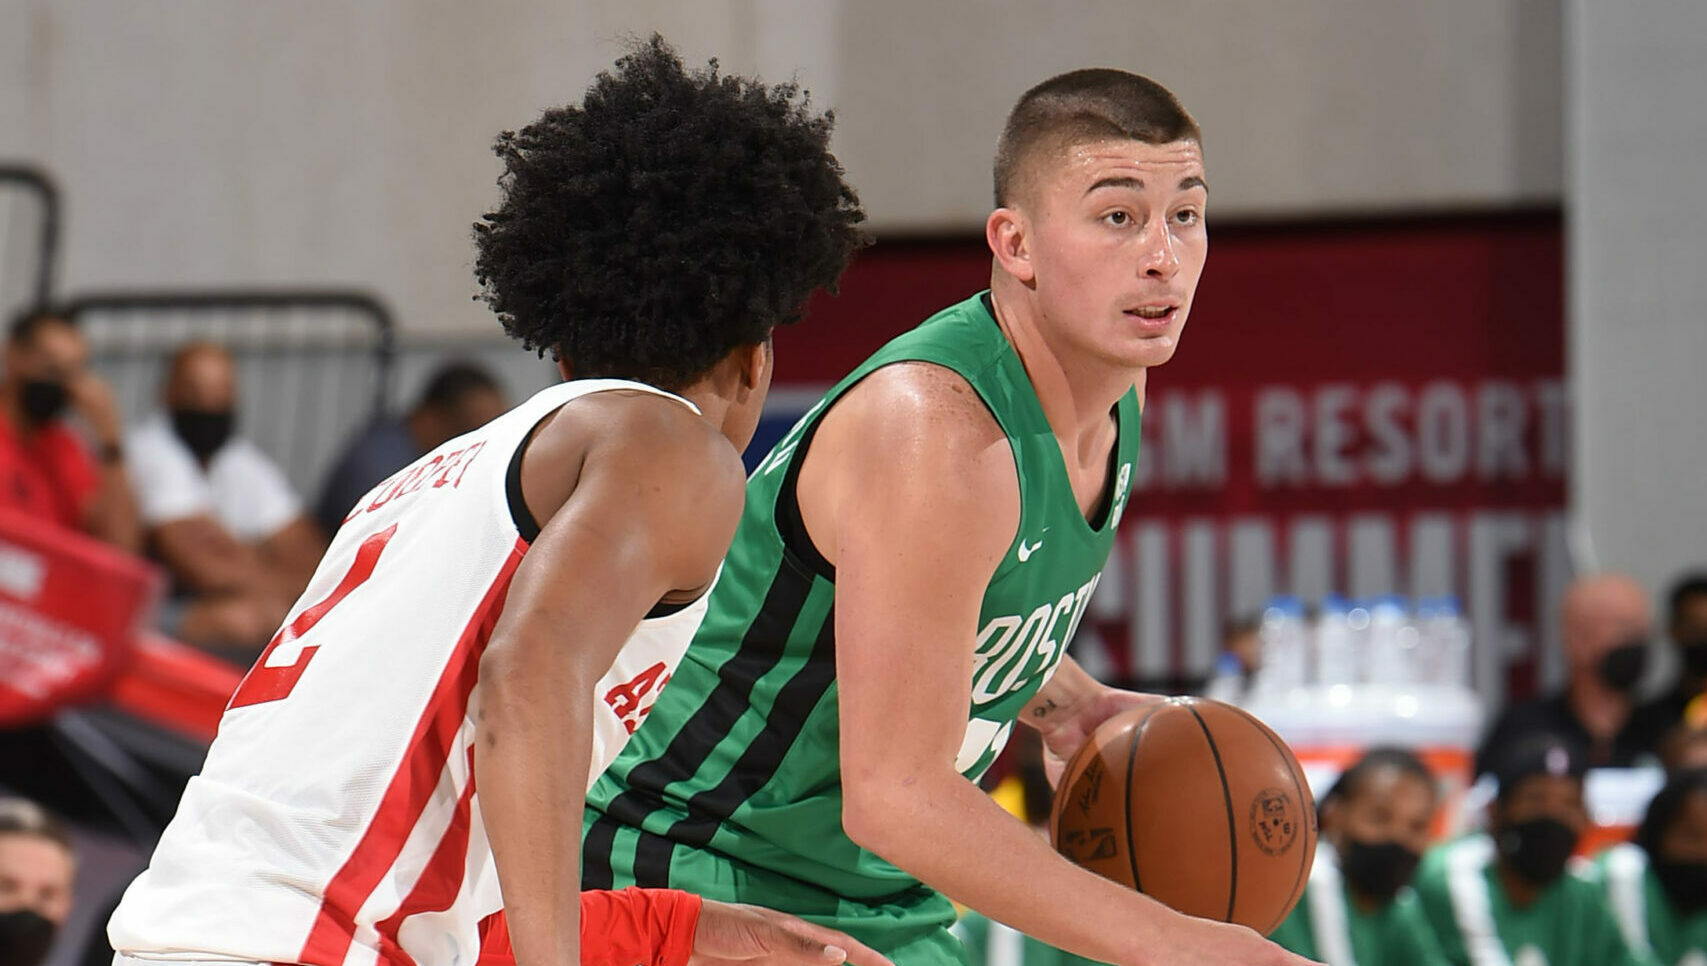 Las Vegas Summer League: Payton Pritchard scores 23 points to lead Celtics over Hawks